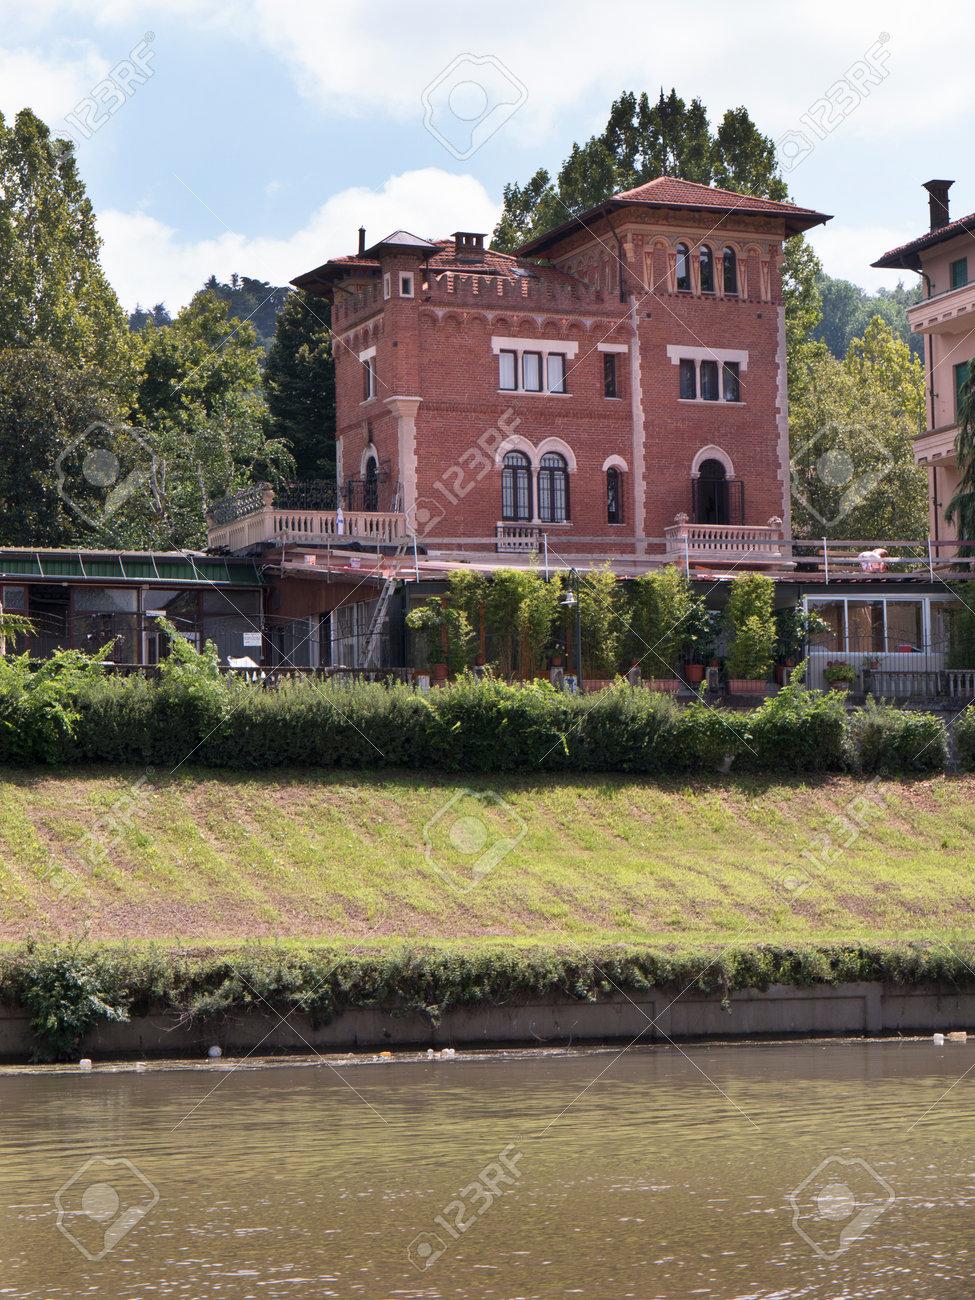 Schöne villen am ufer des flusses po in turin italien lizenzfreie bilder 33139365